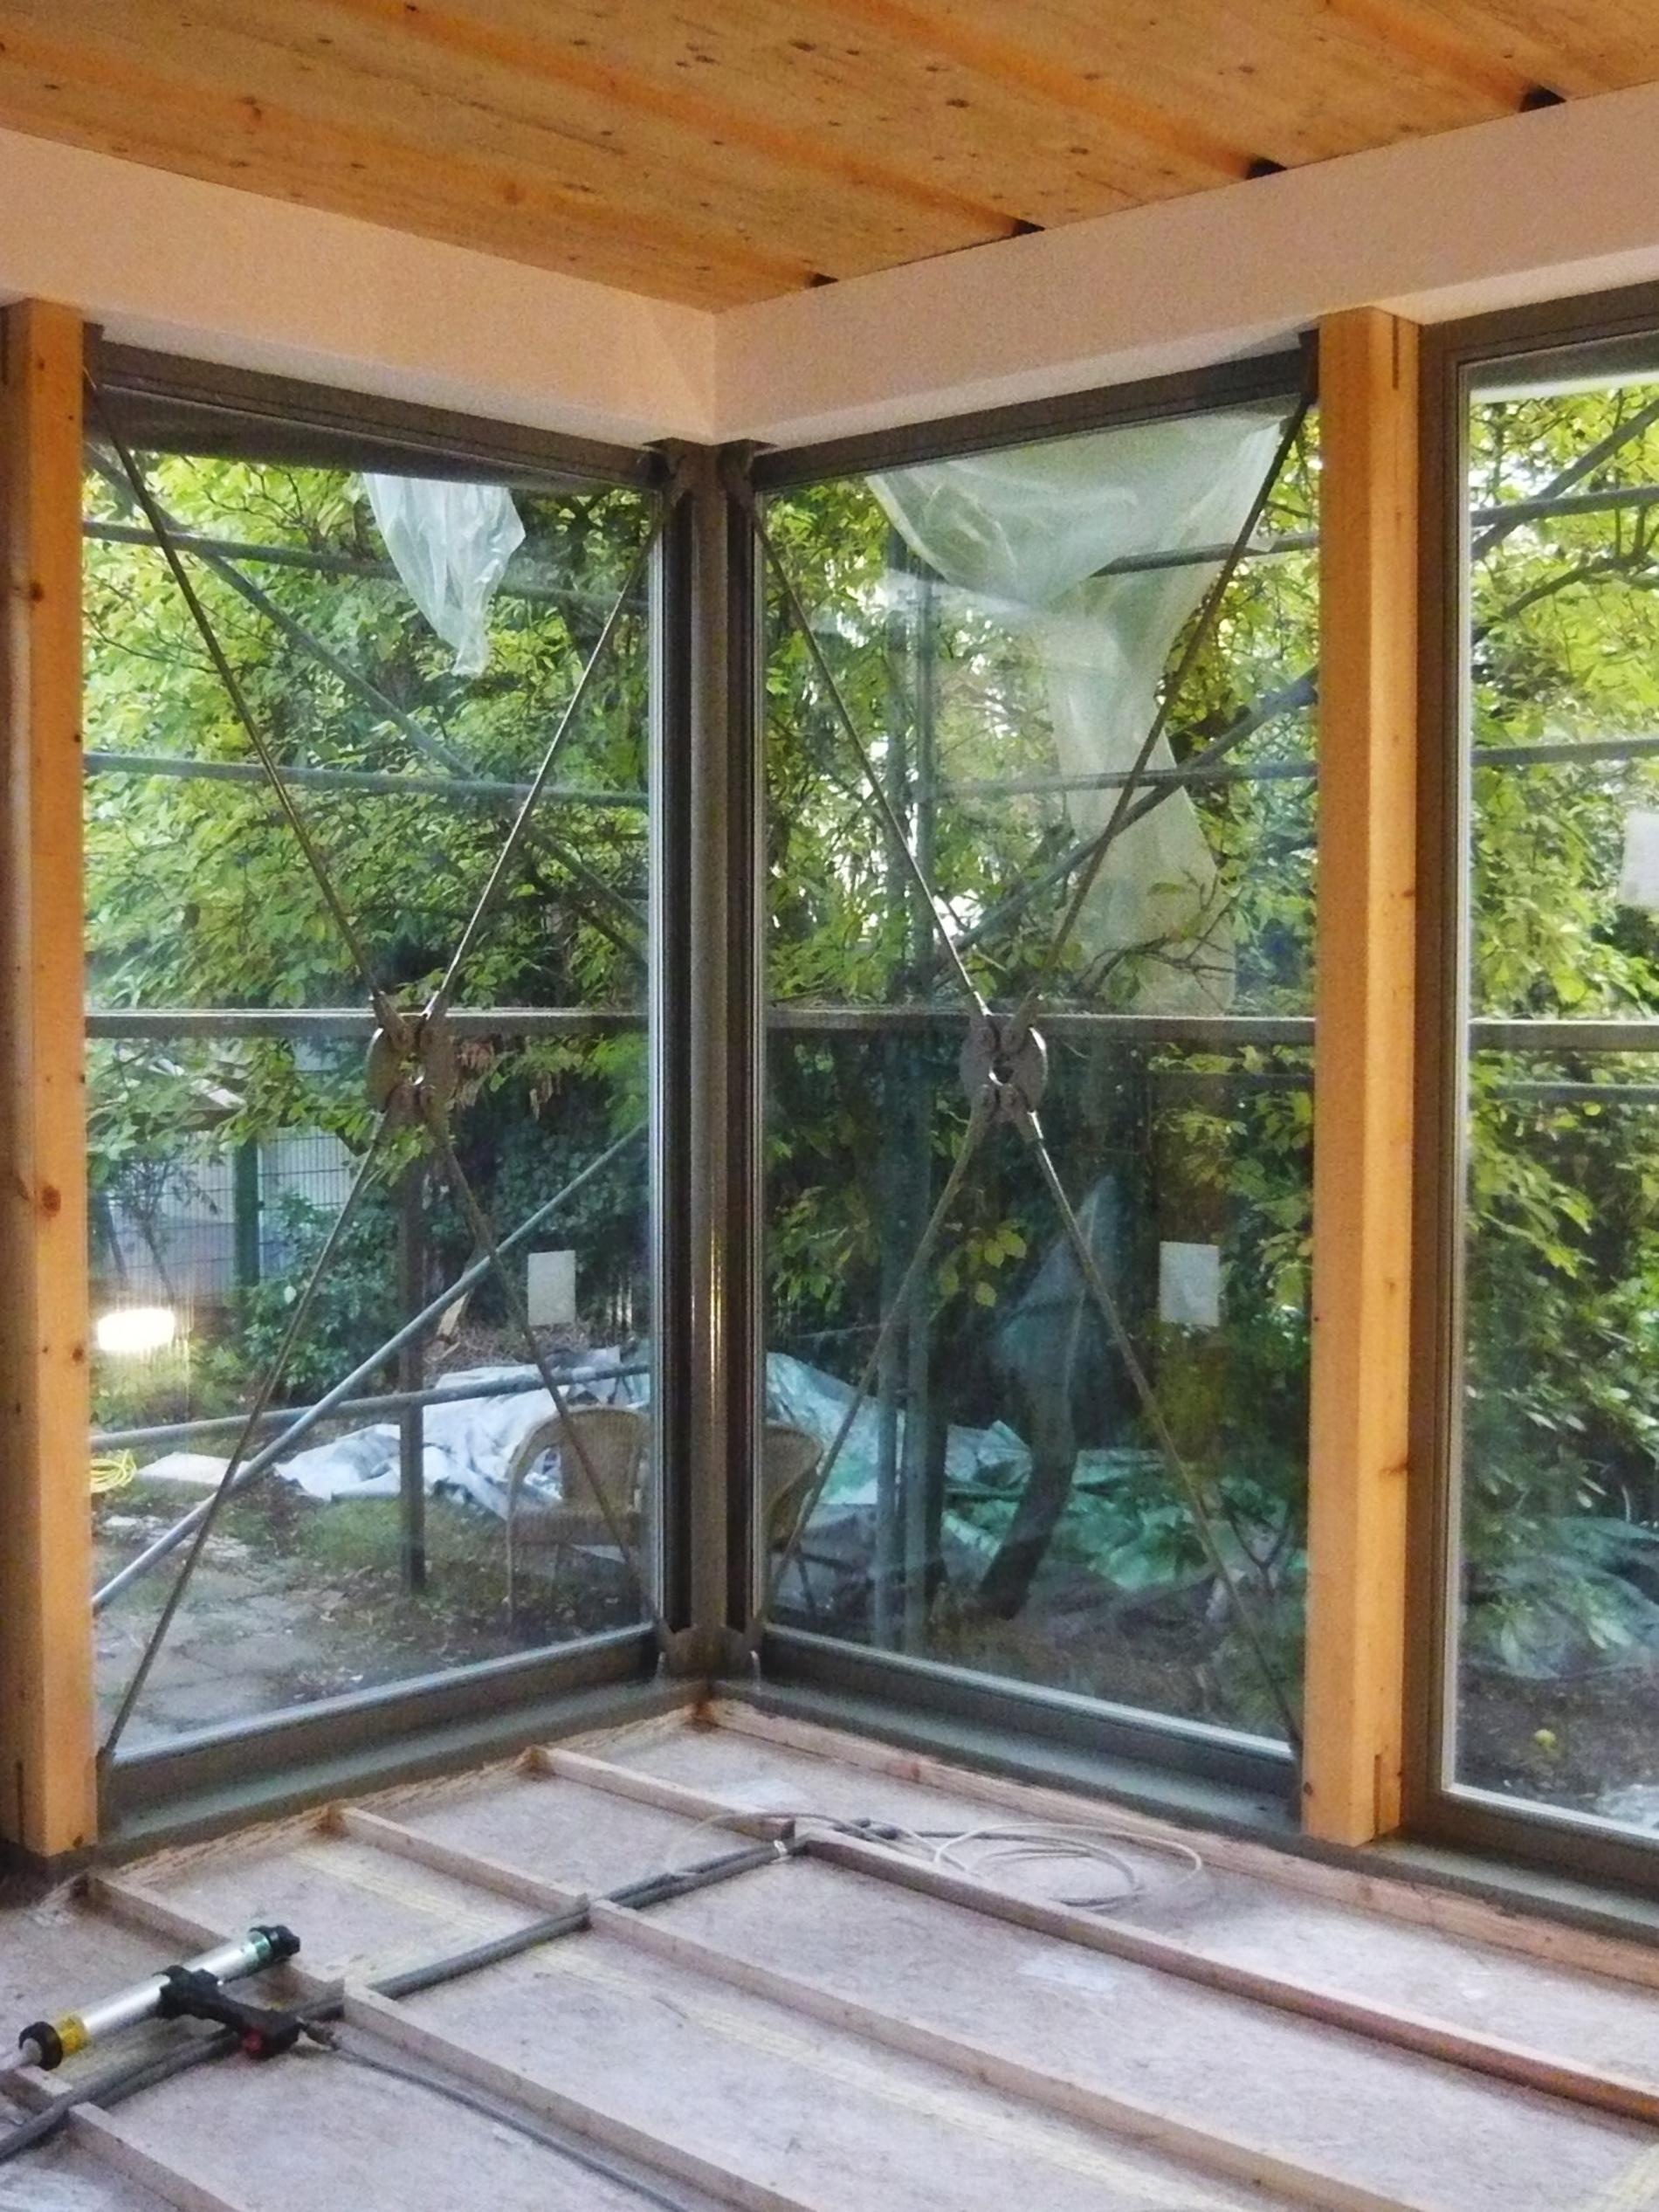 Eckfenster innenansicht  Hinterhofgebäude Neubau in Karlsruhe - Bisch . Otteni - Architekten